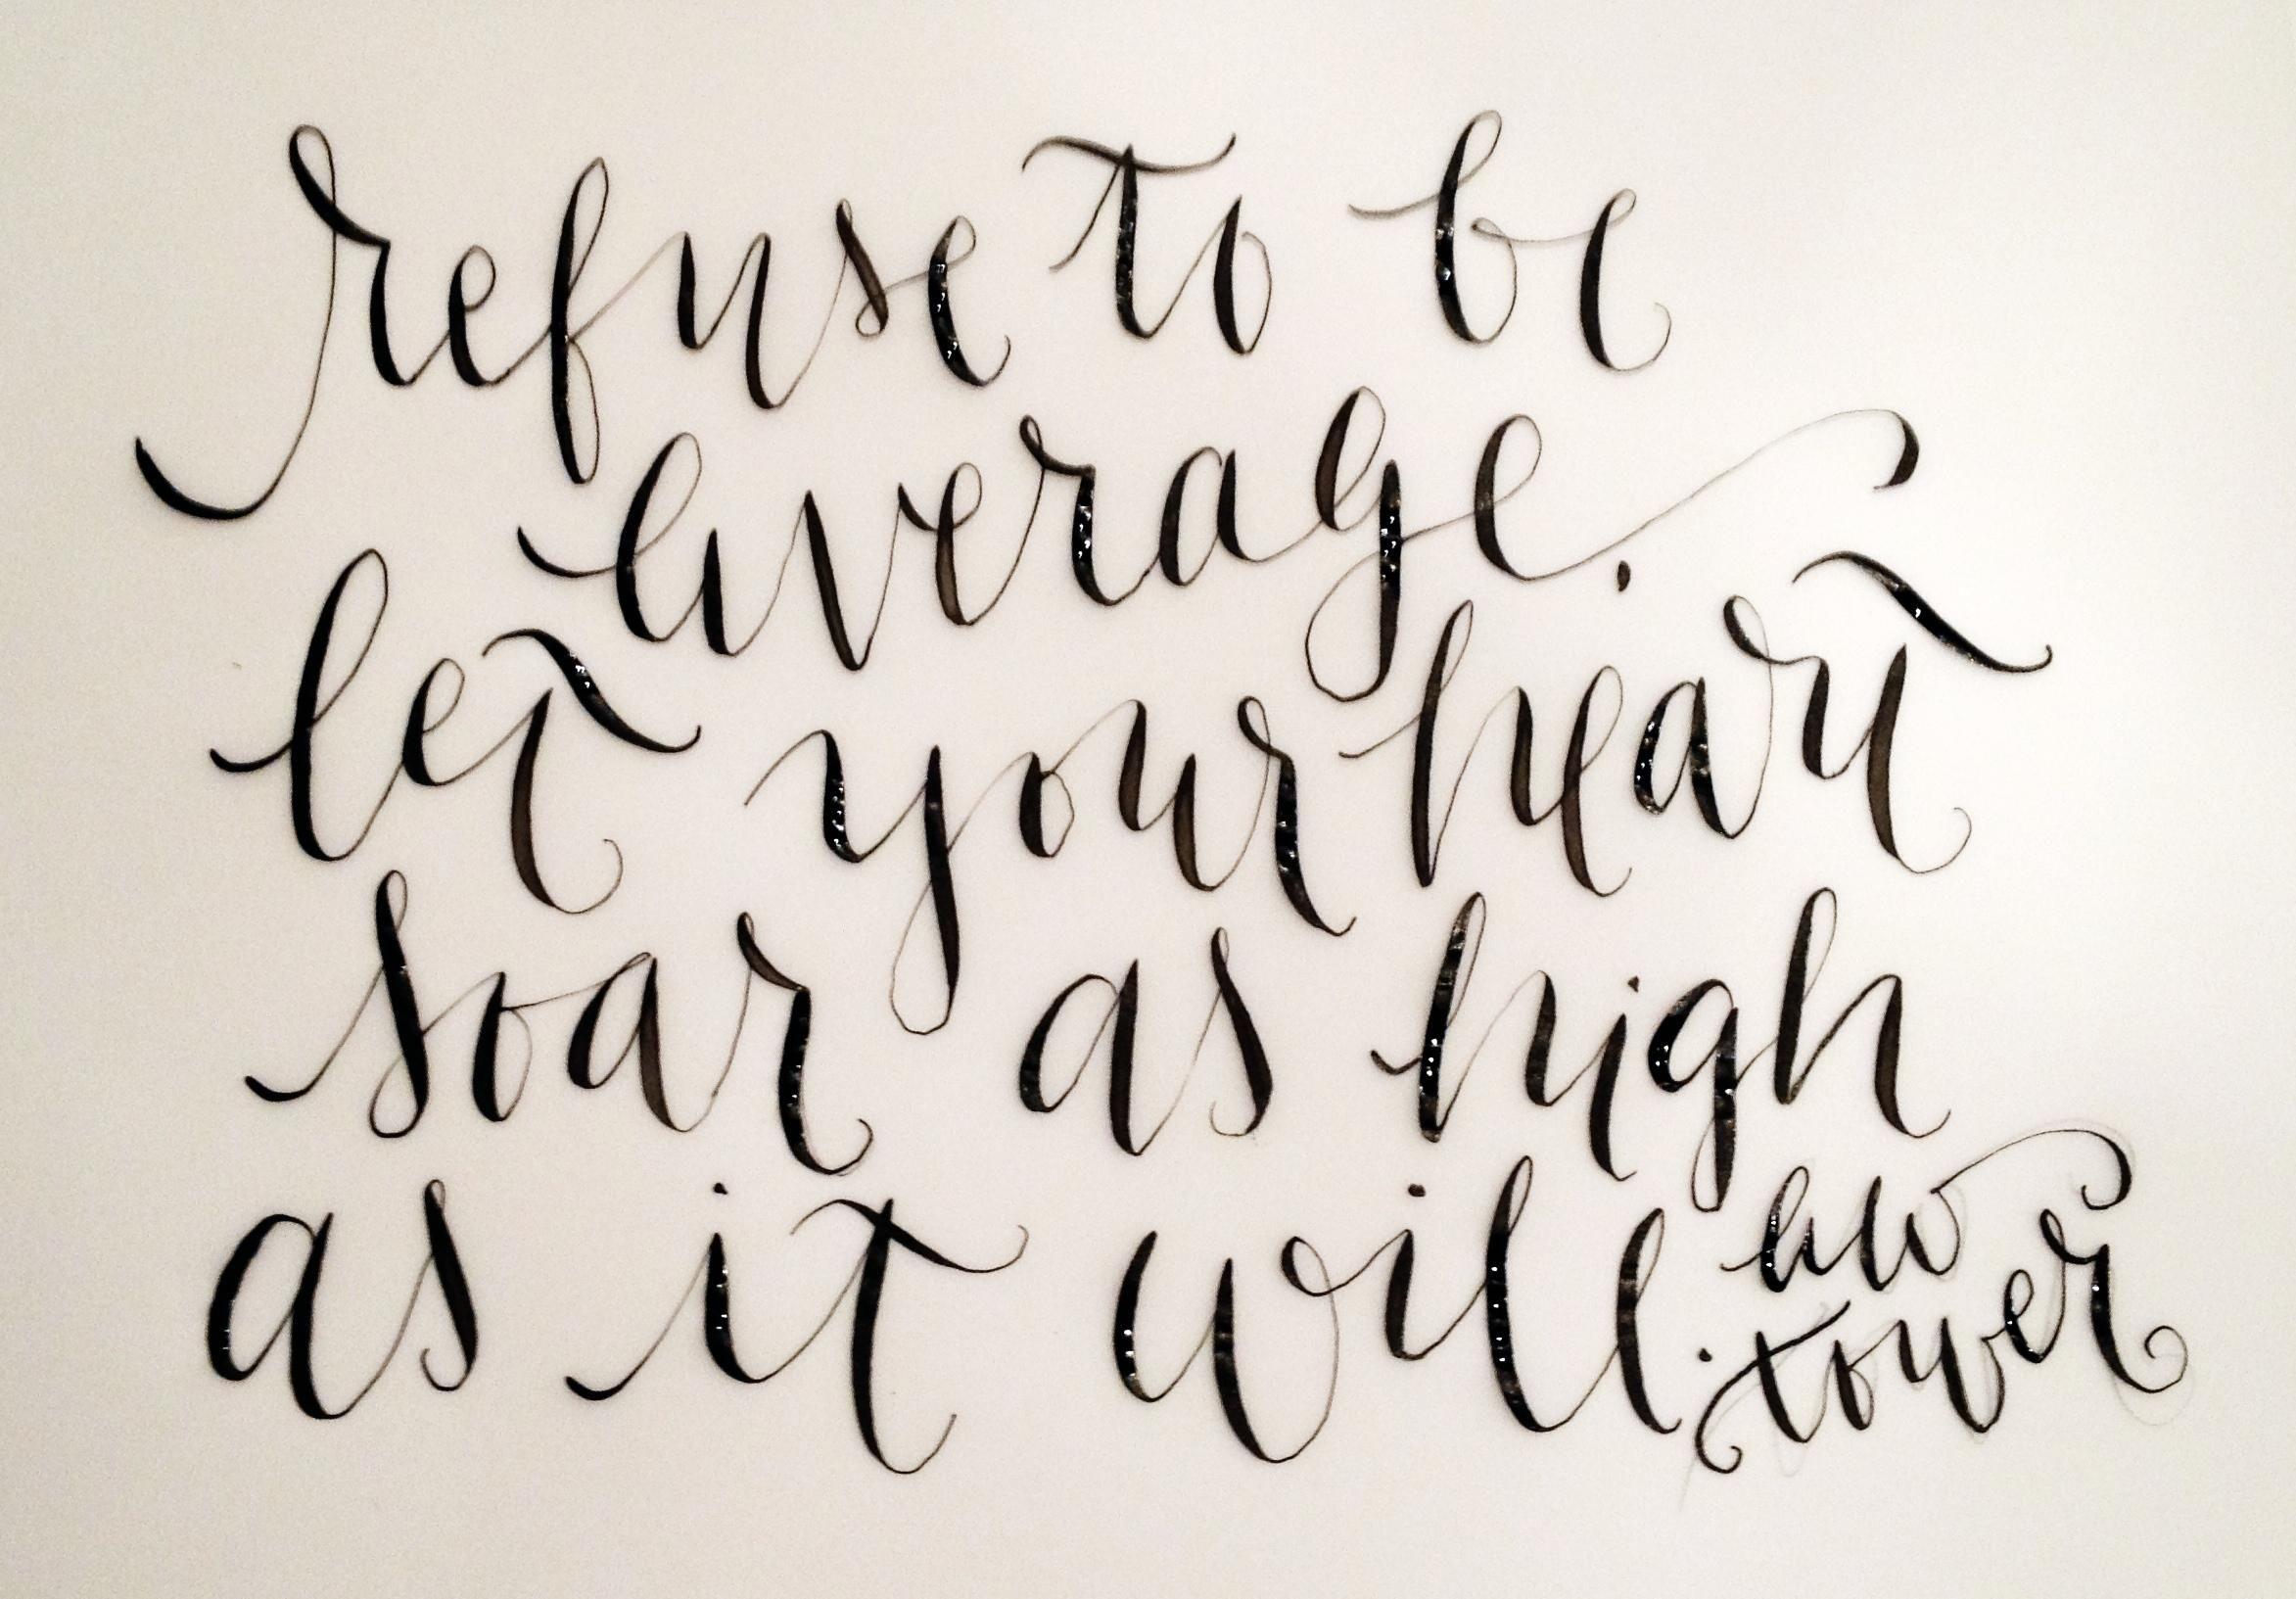 алфавит на английском красивым почерком картинки дизайнеры, работающие